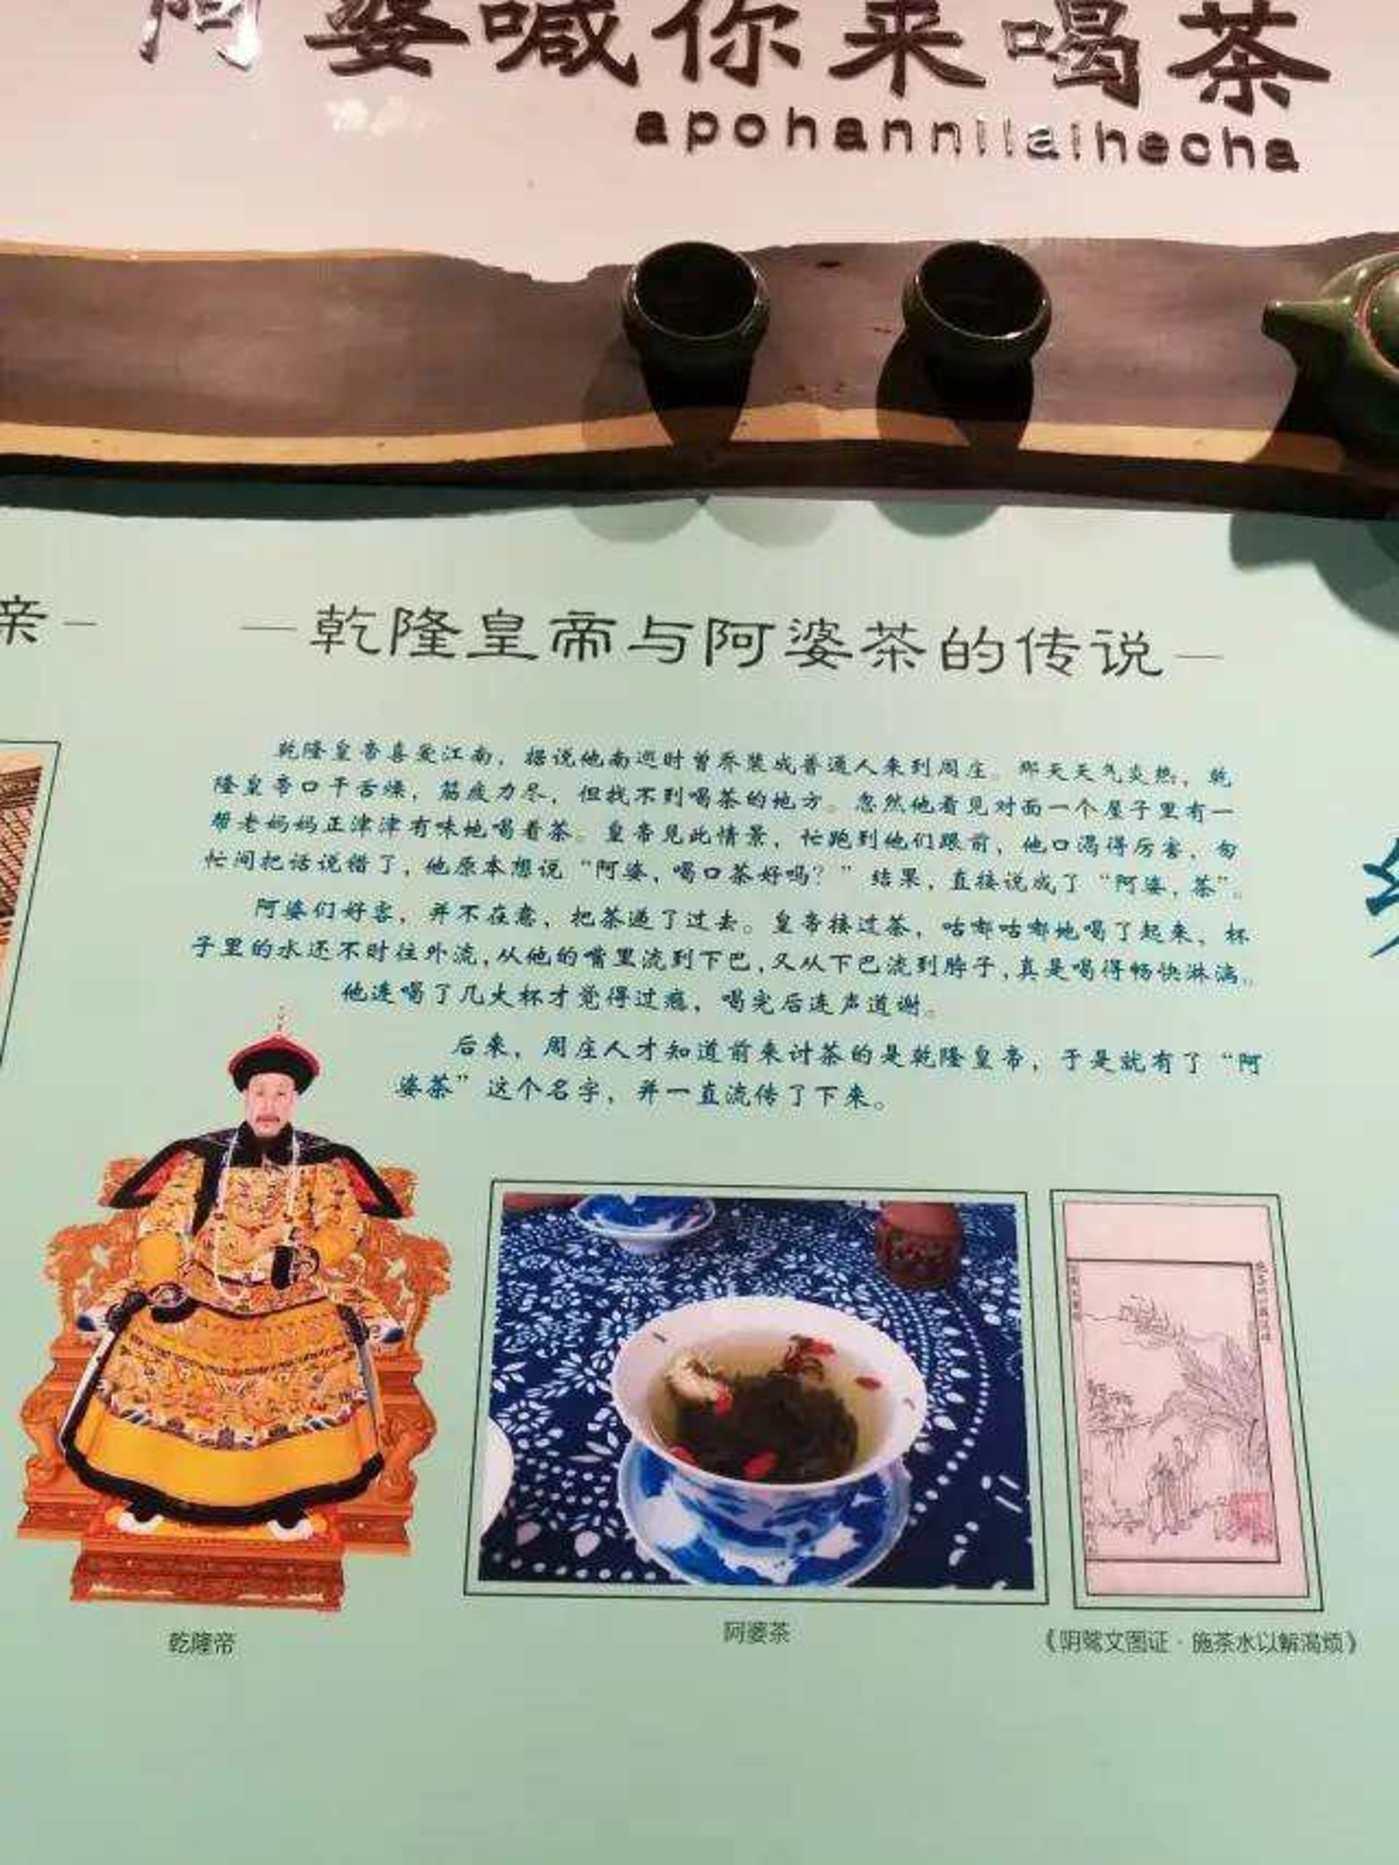 (豆瓣网友蔡不白拍摄于上海,你一定看过类似的文案)